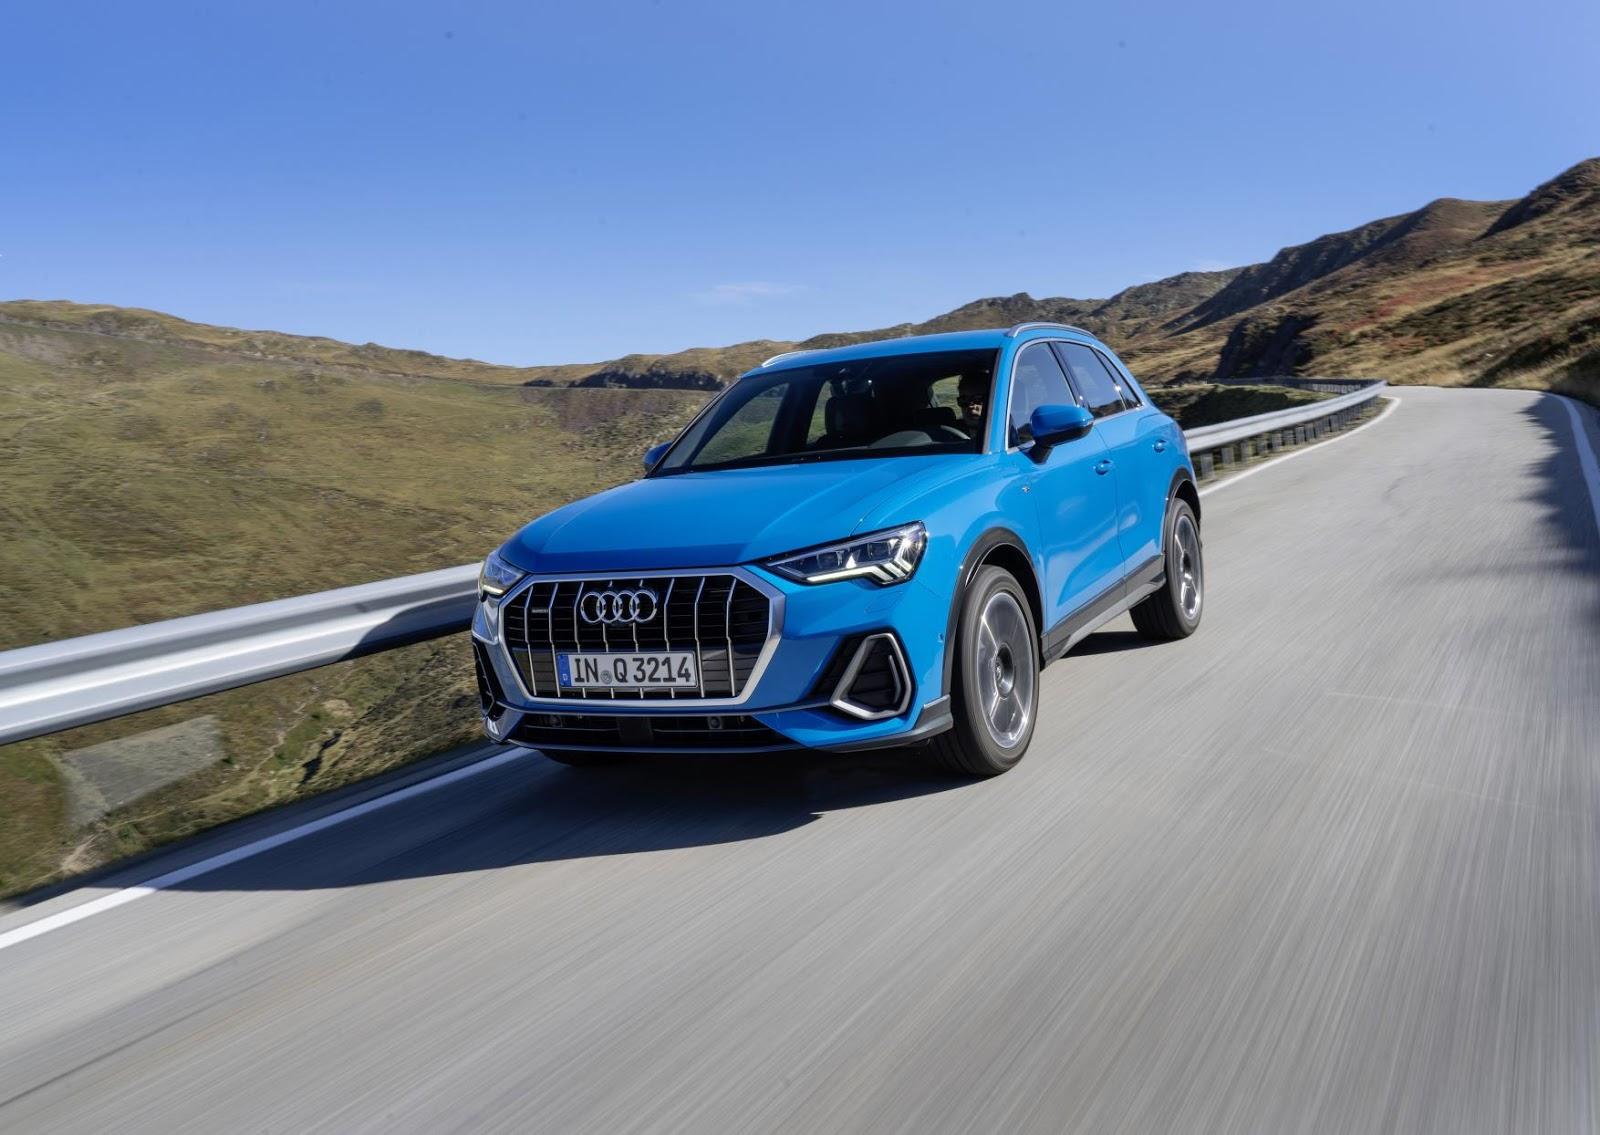 Nuevo Audi Q4 2019: las primeras fotos espía del SUV más esperado